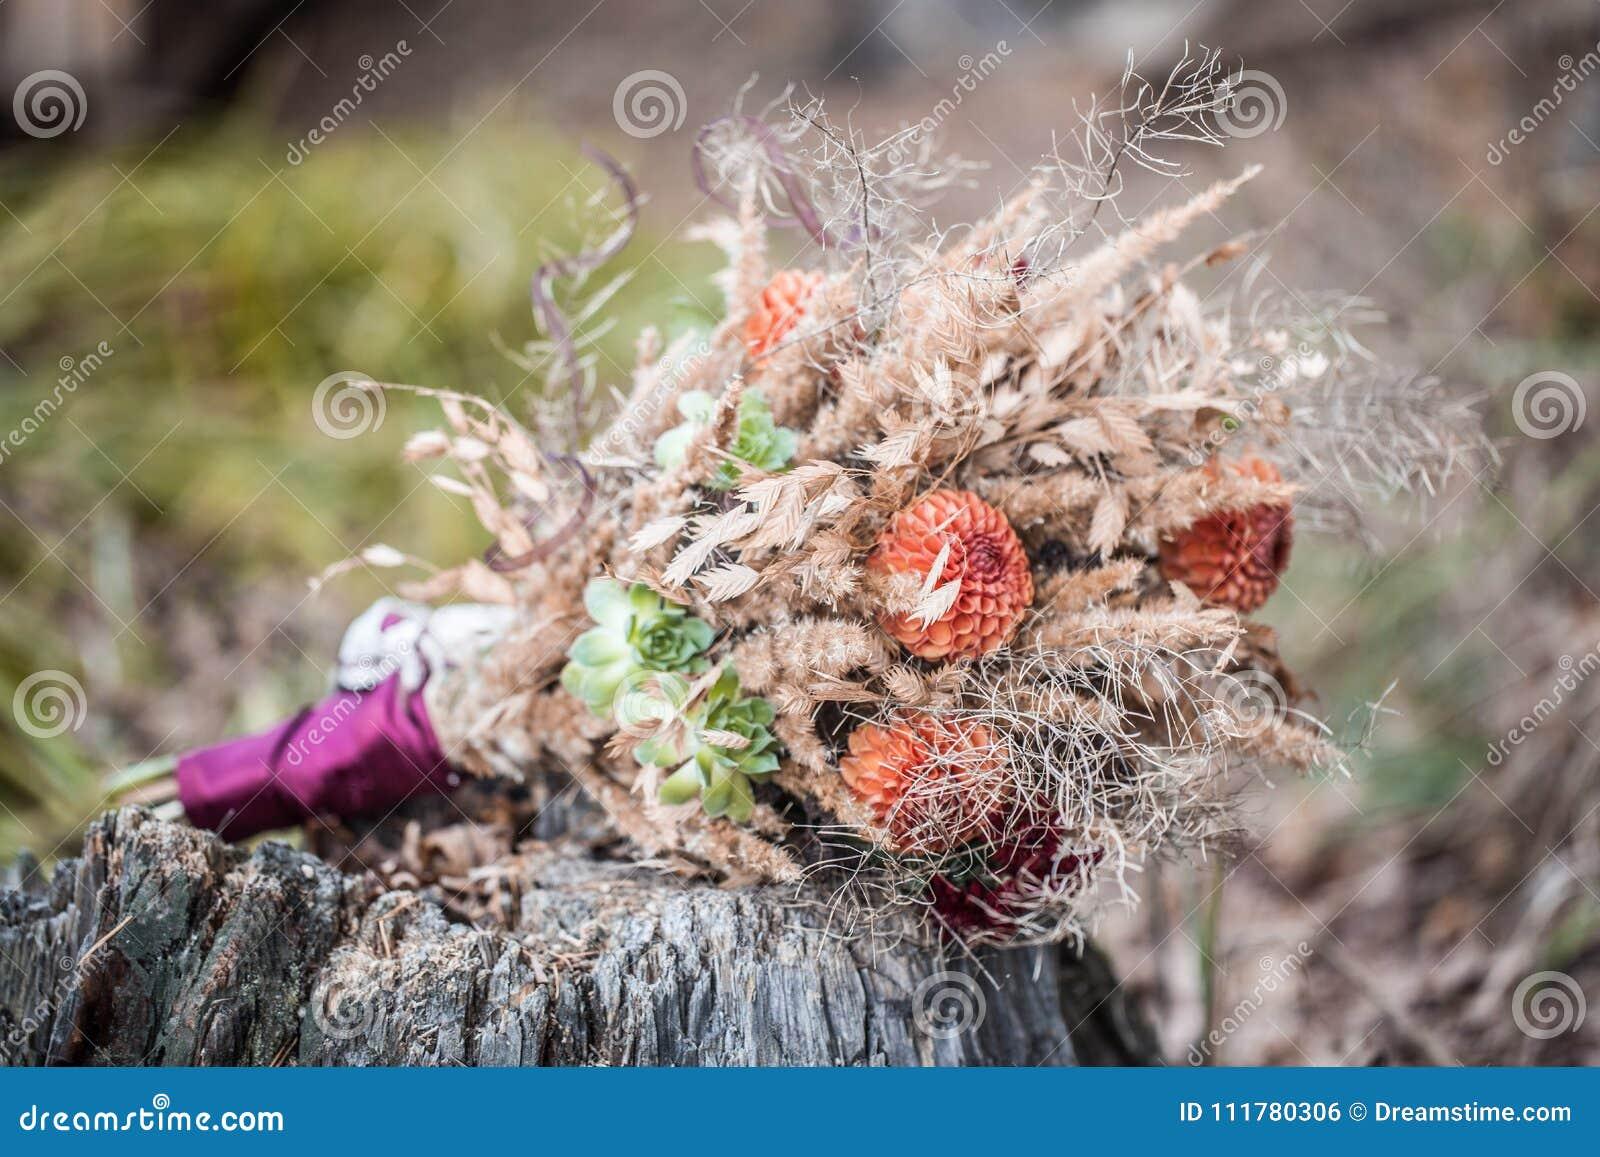 Букет лесных трав и цветов.